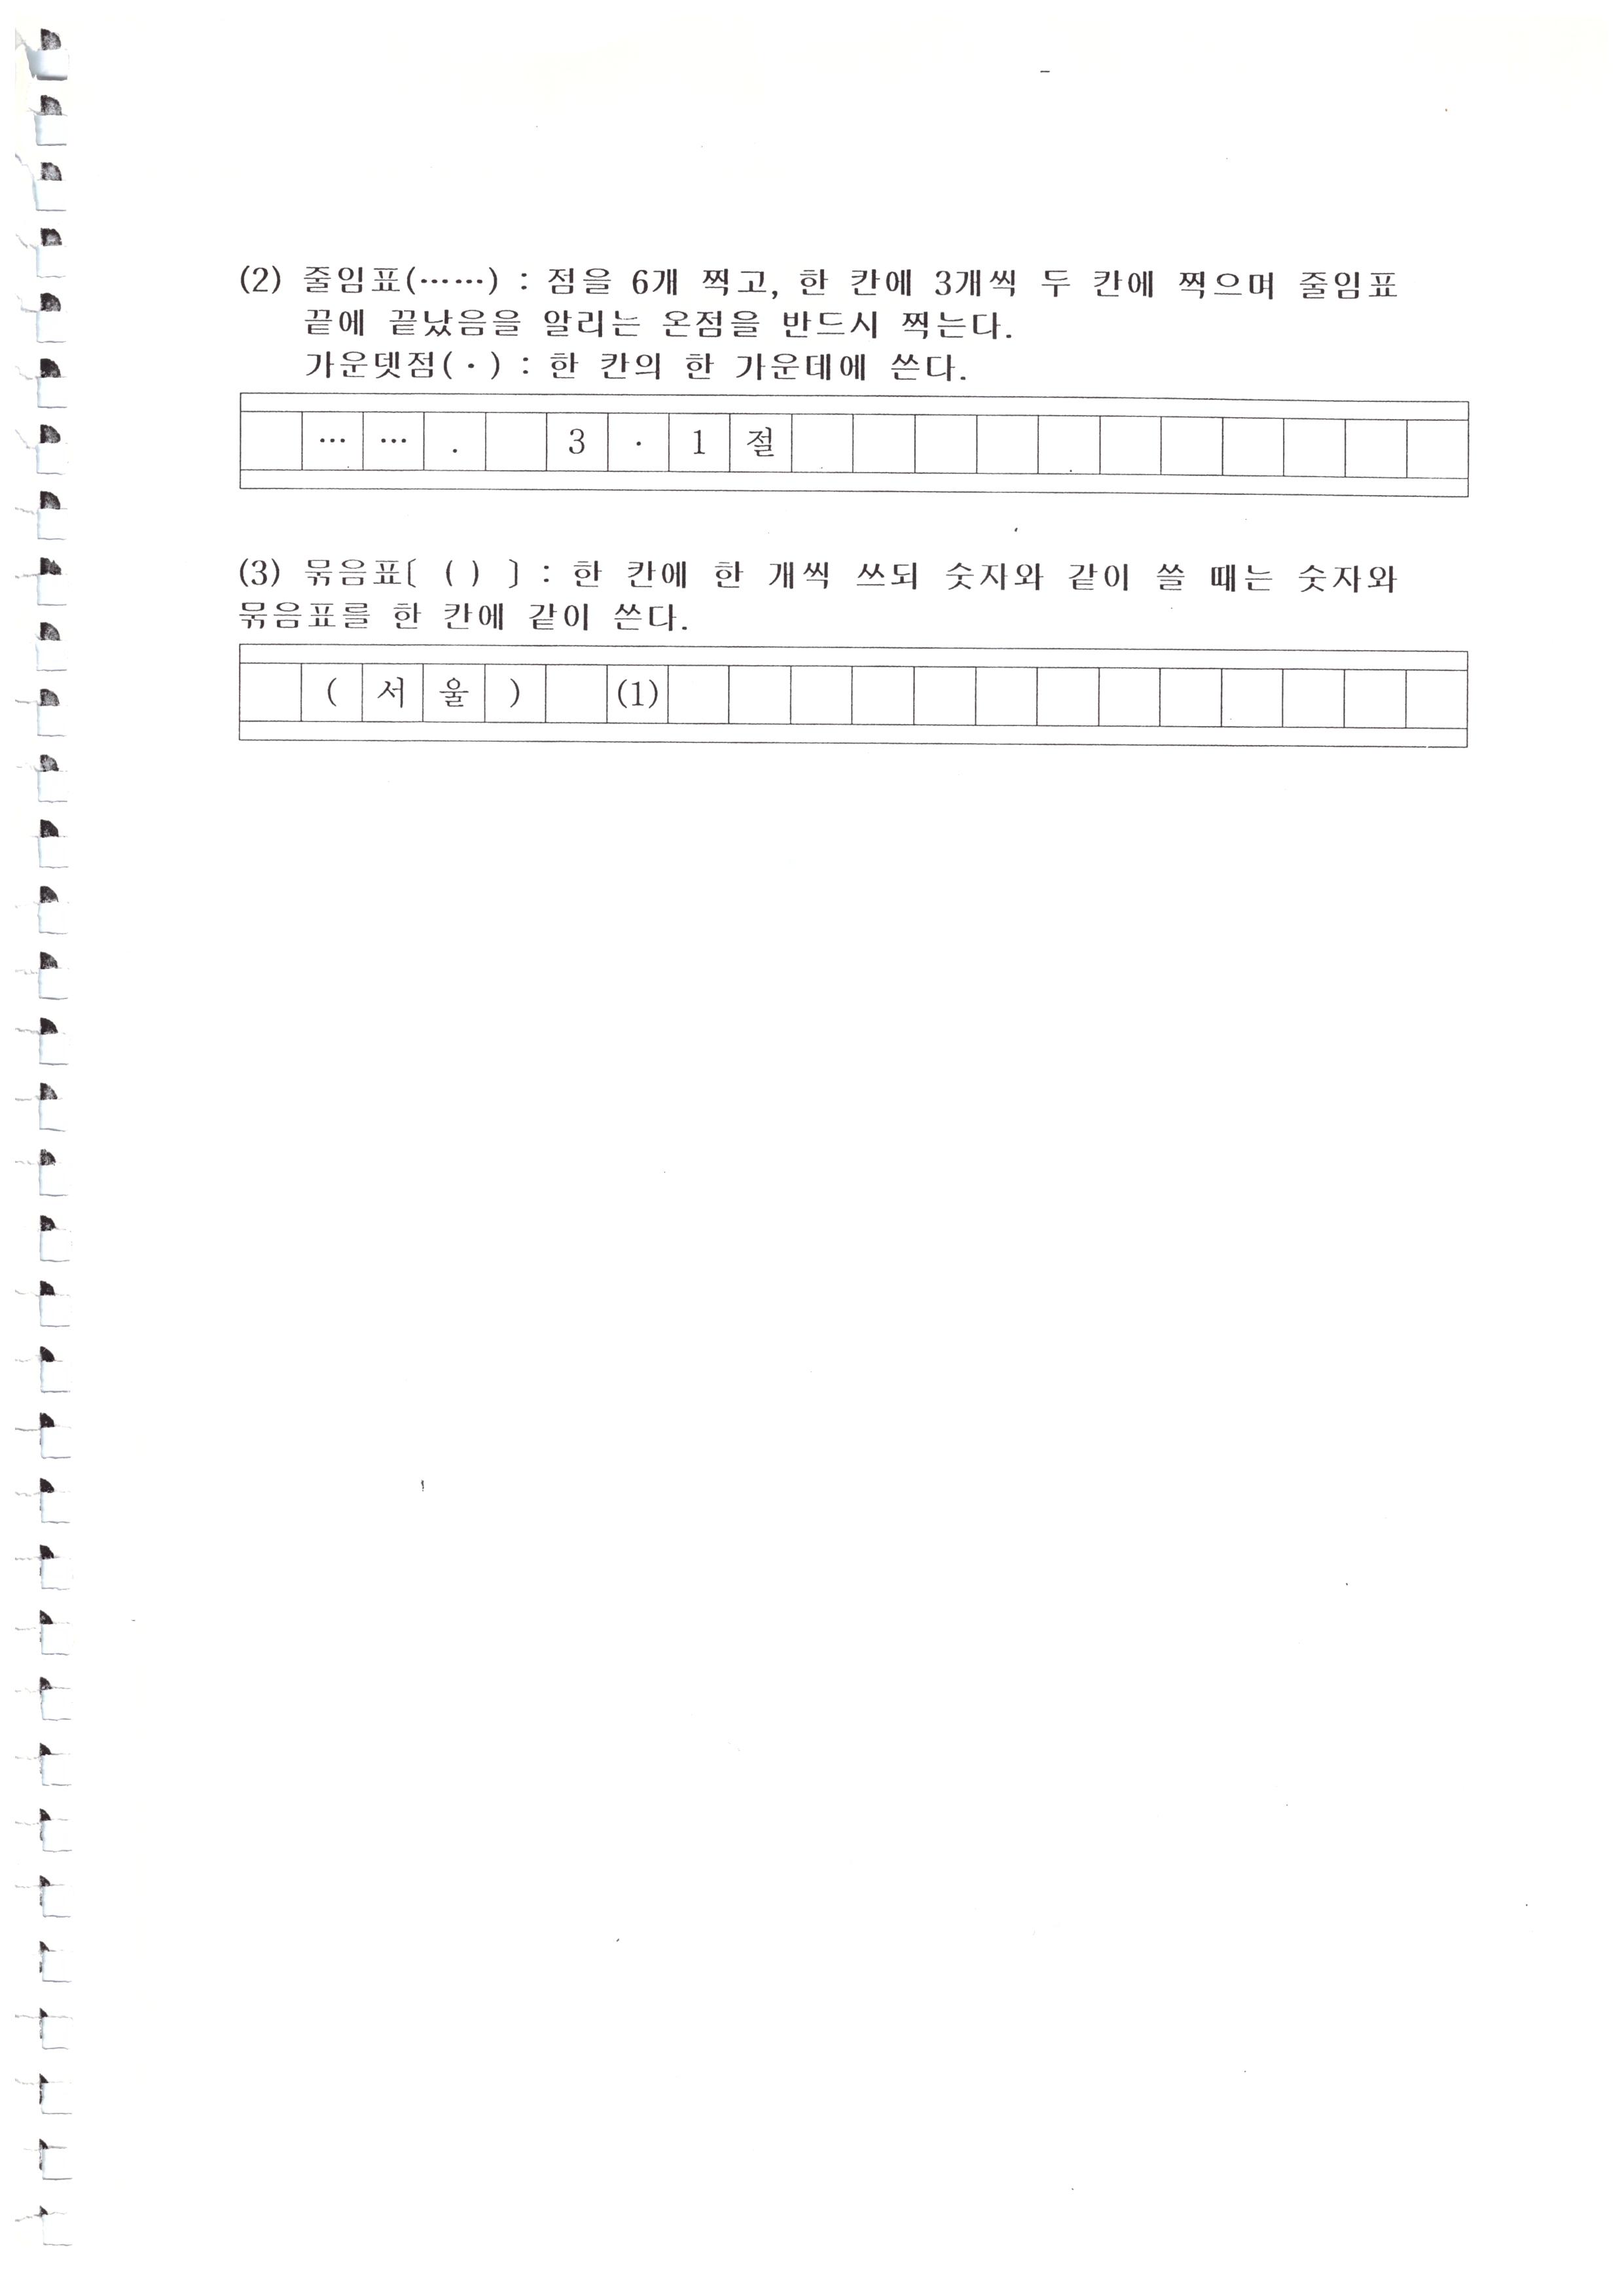 [일반] 독서노트(고학년) 원고지 쓰기 방법 안내의 첨부이미지 5